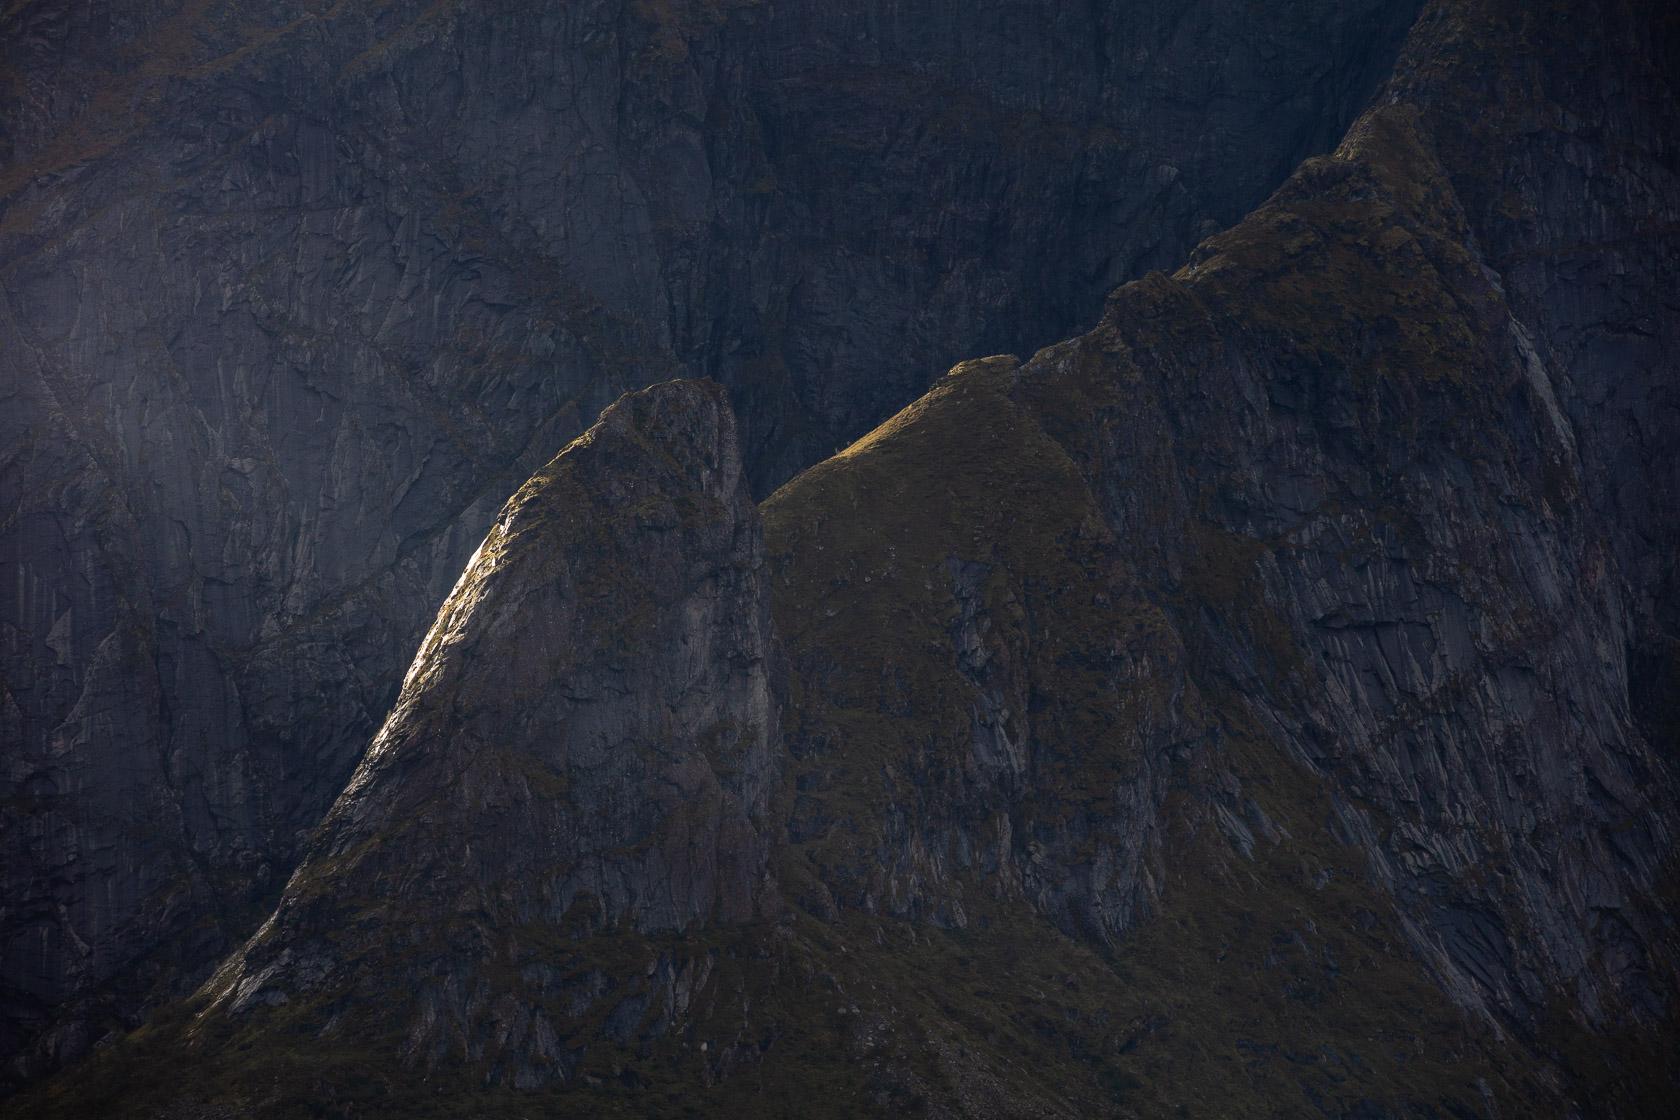 crêtes rocheuses au-dessus du village de Reine, dans les îles Lofoten